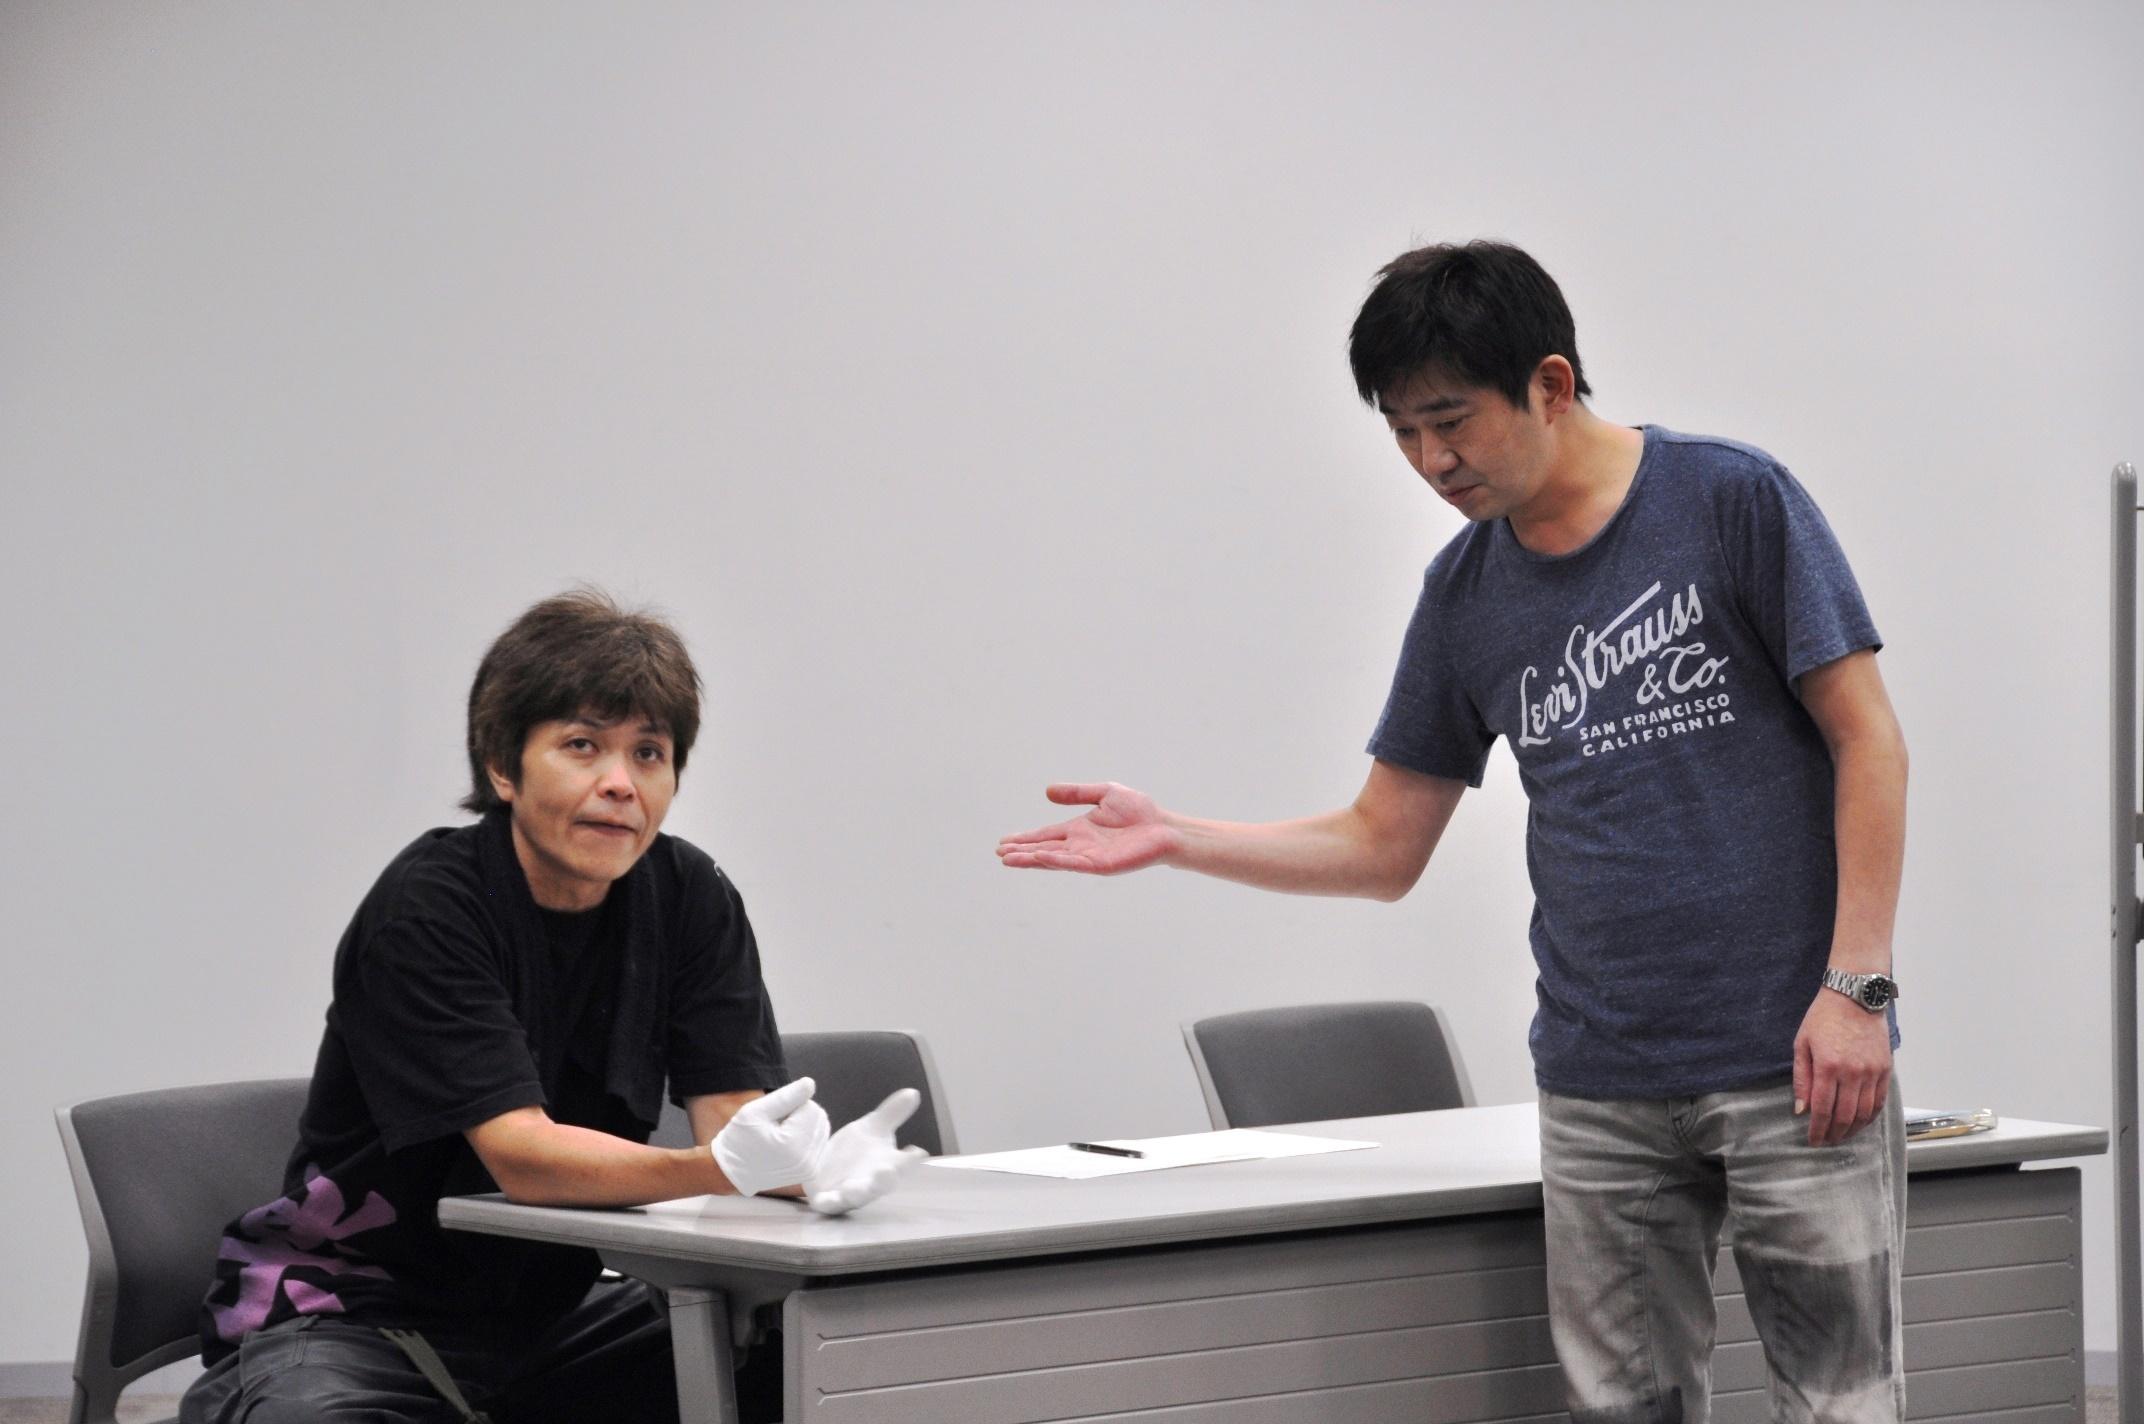 同じくコメンテイターとして出演した羽曳野の伊藤(久保田浩/稽古中も白手袋をしていることに注目!)は、誰も予測不可能な言動の連発で、番組を引っかき回していく。